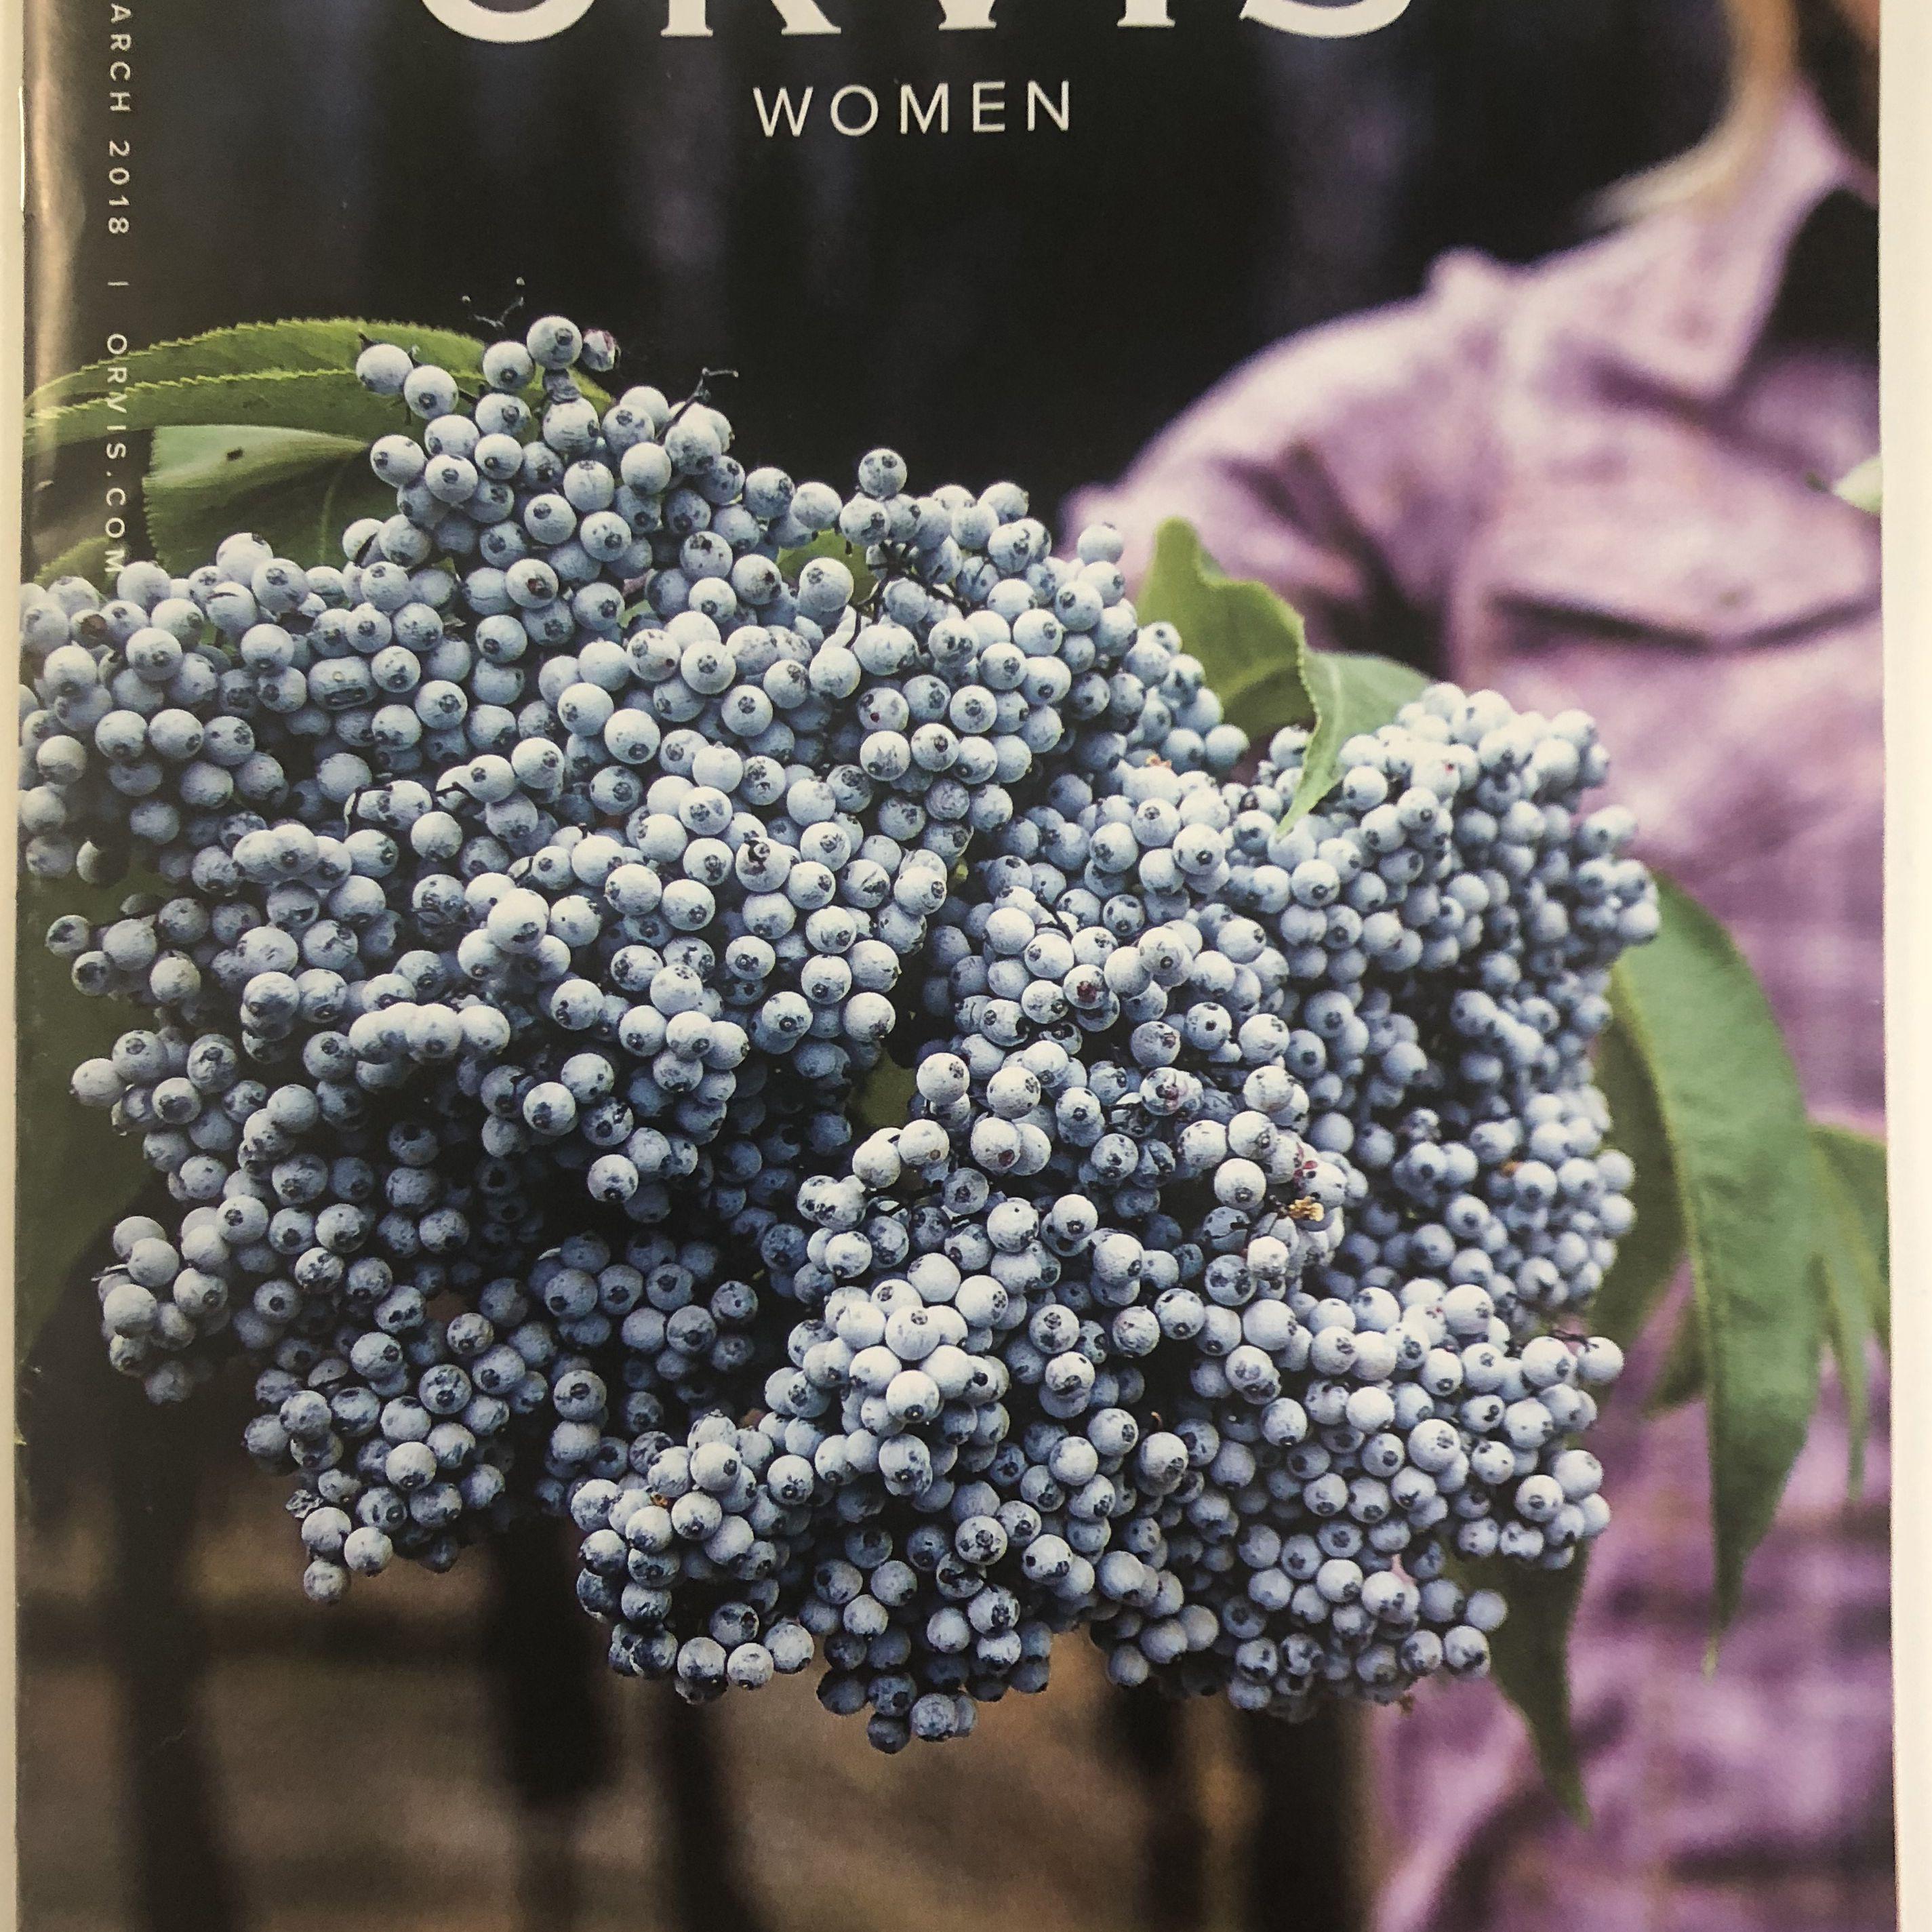 The 2018 Orvis Women catalog